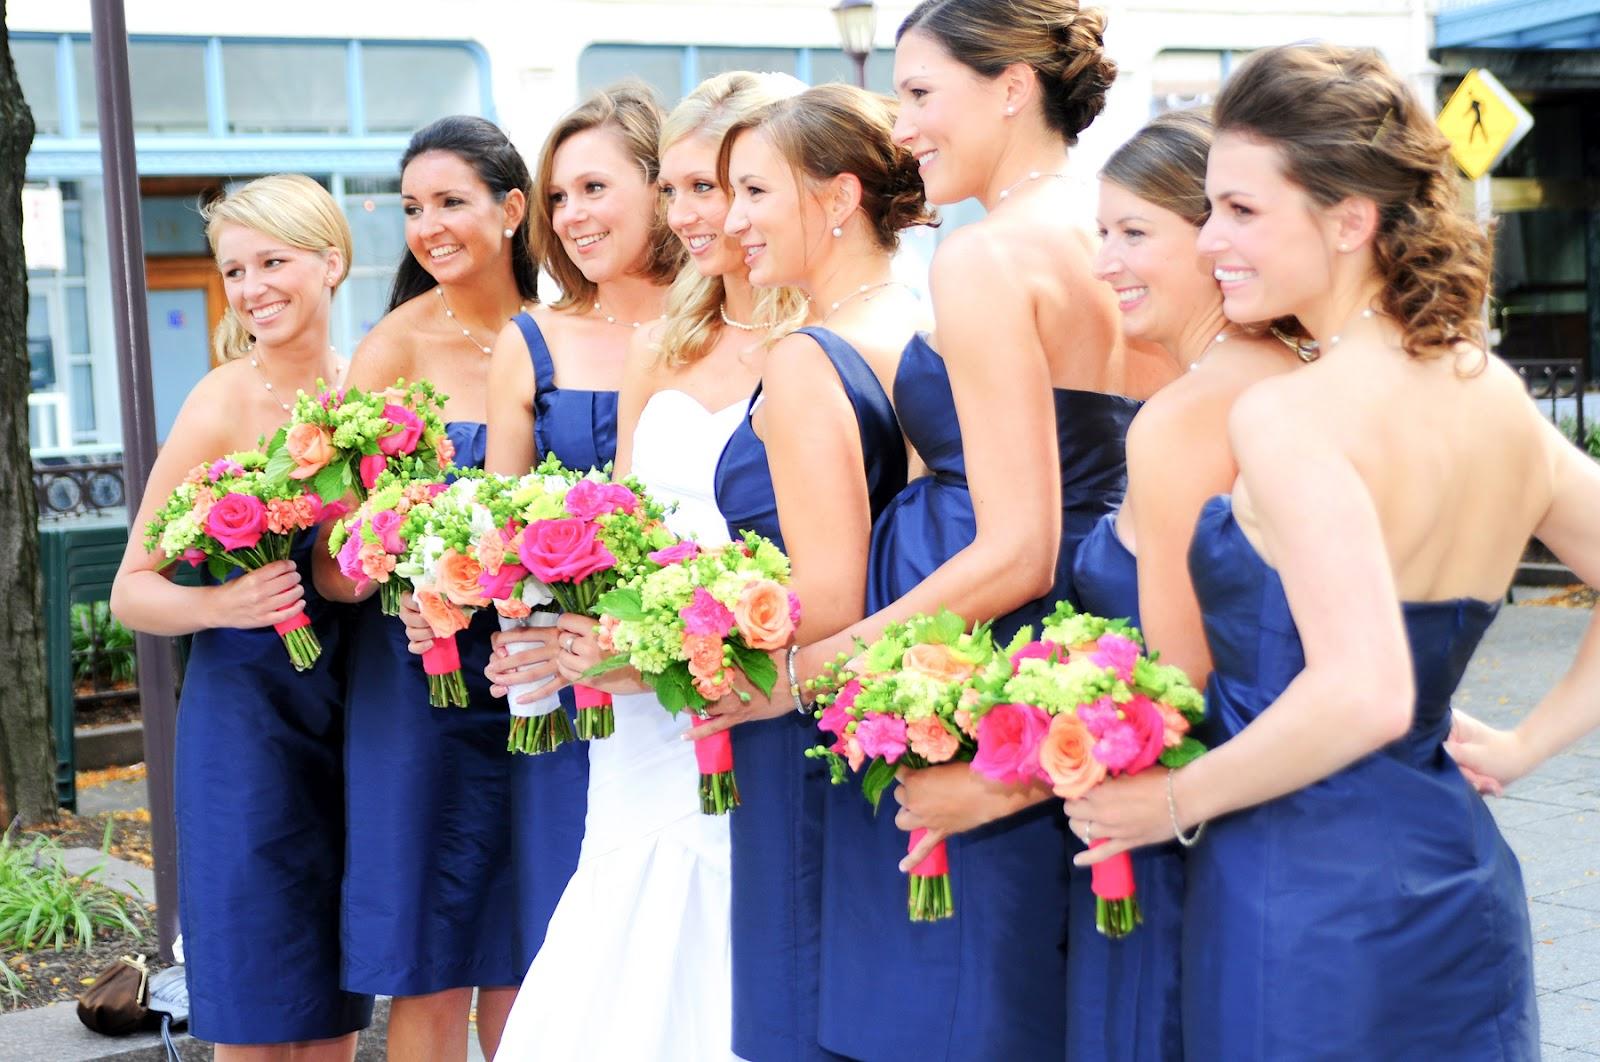 Lebanon wedding dresses lebanon wedding gowns tuxidos lebanon wedding